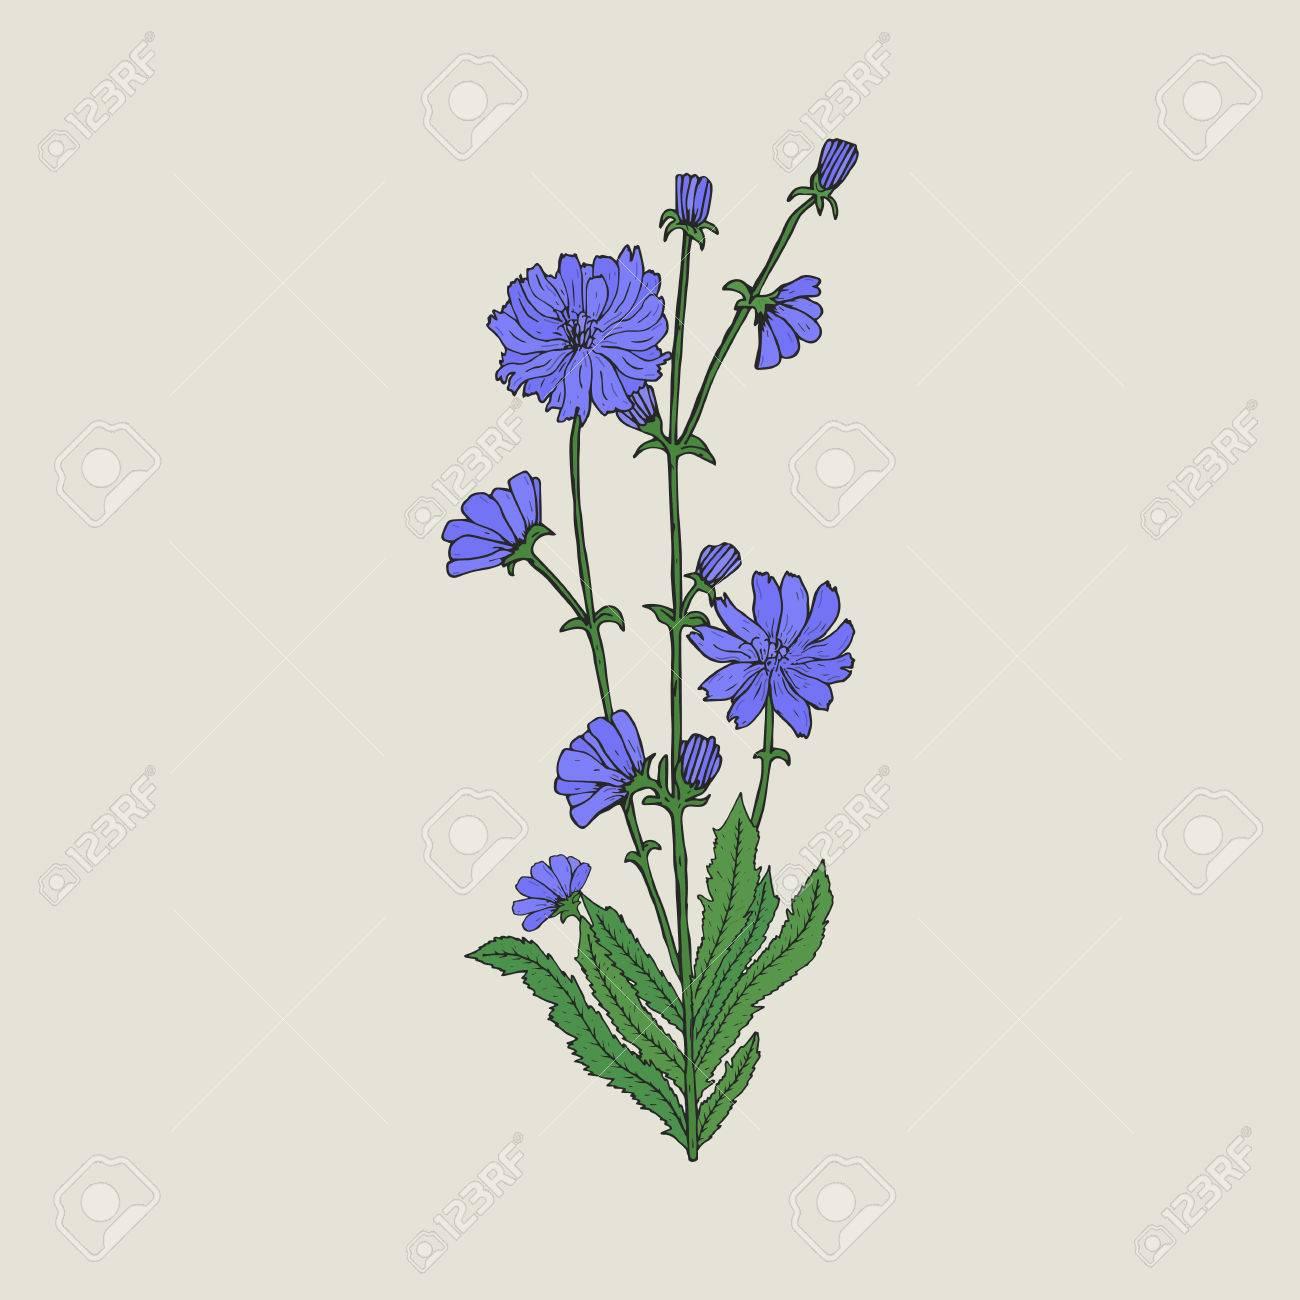 Dessin Realiste Detaille De La Chicoree Avec Des Fleurs Et Des